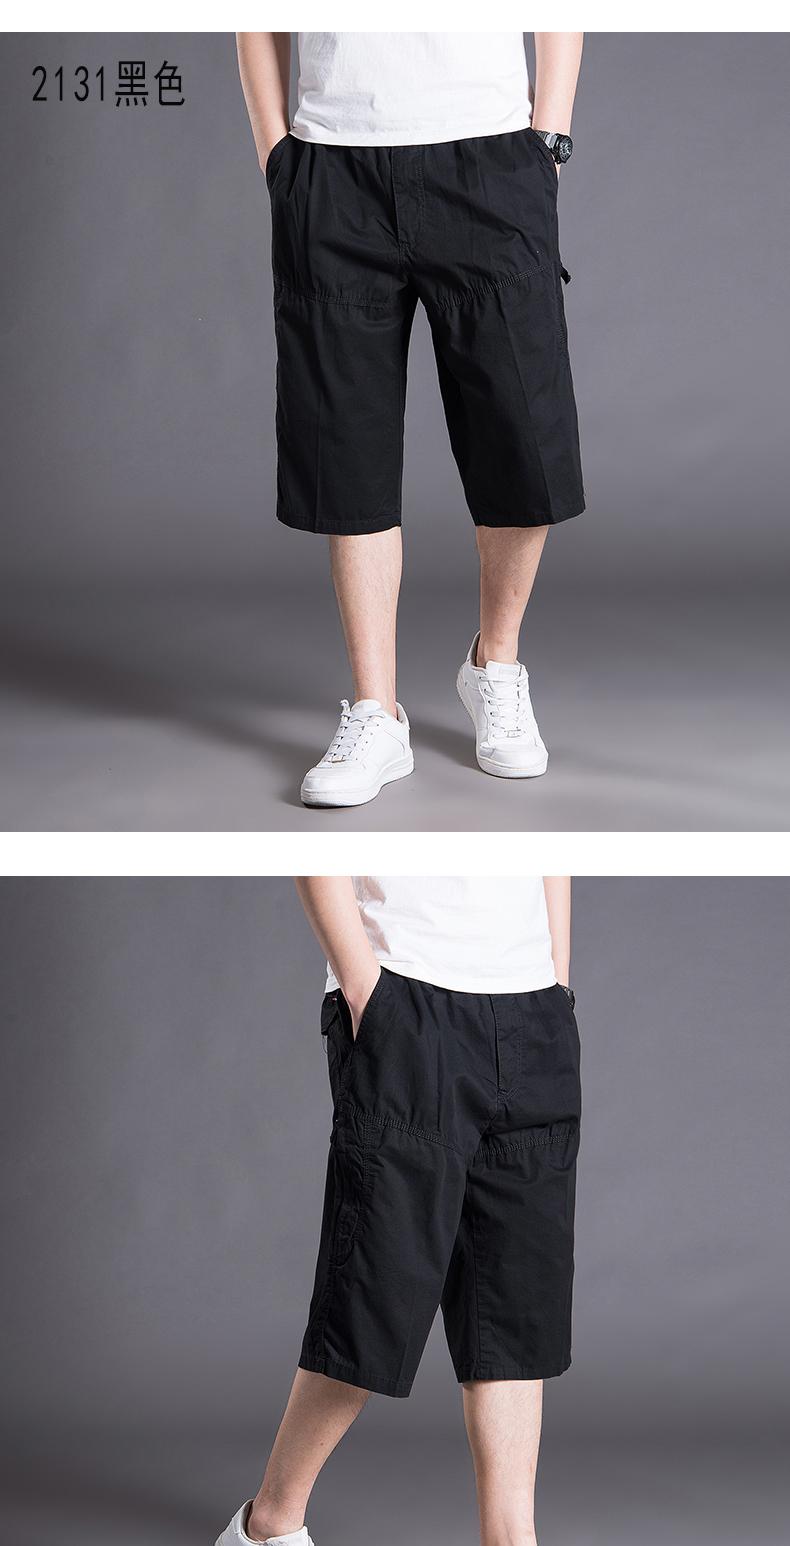 Mùa hè yếm nam mỏng lỏng quần short nam đa túi quần ngoài trời thể thao giản dị quần nam